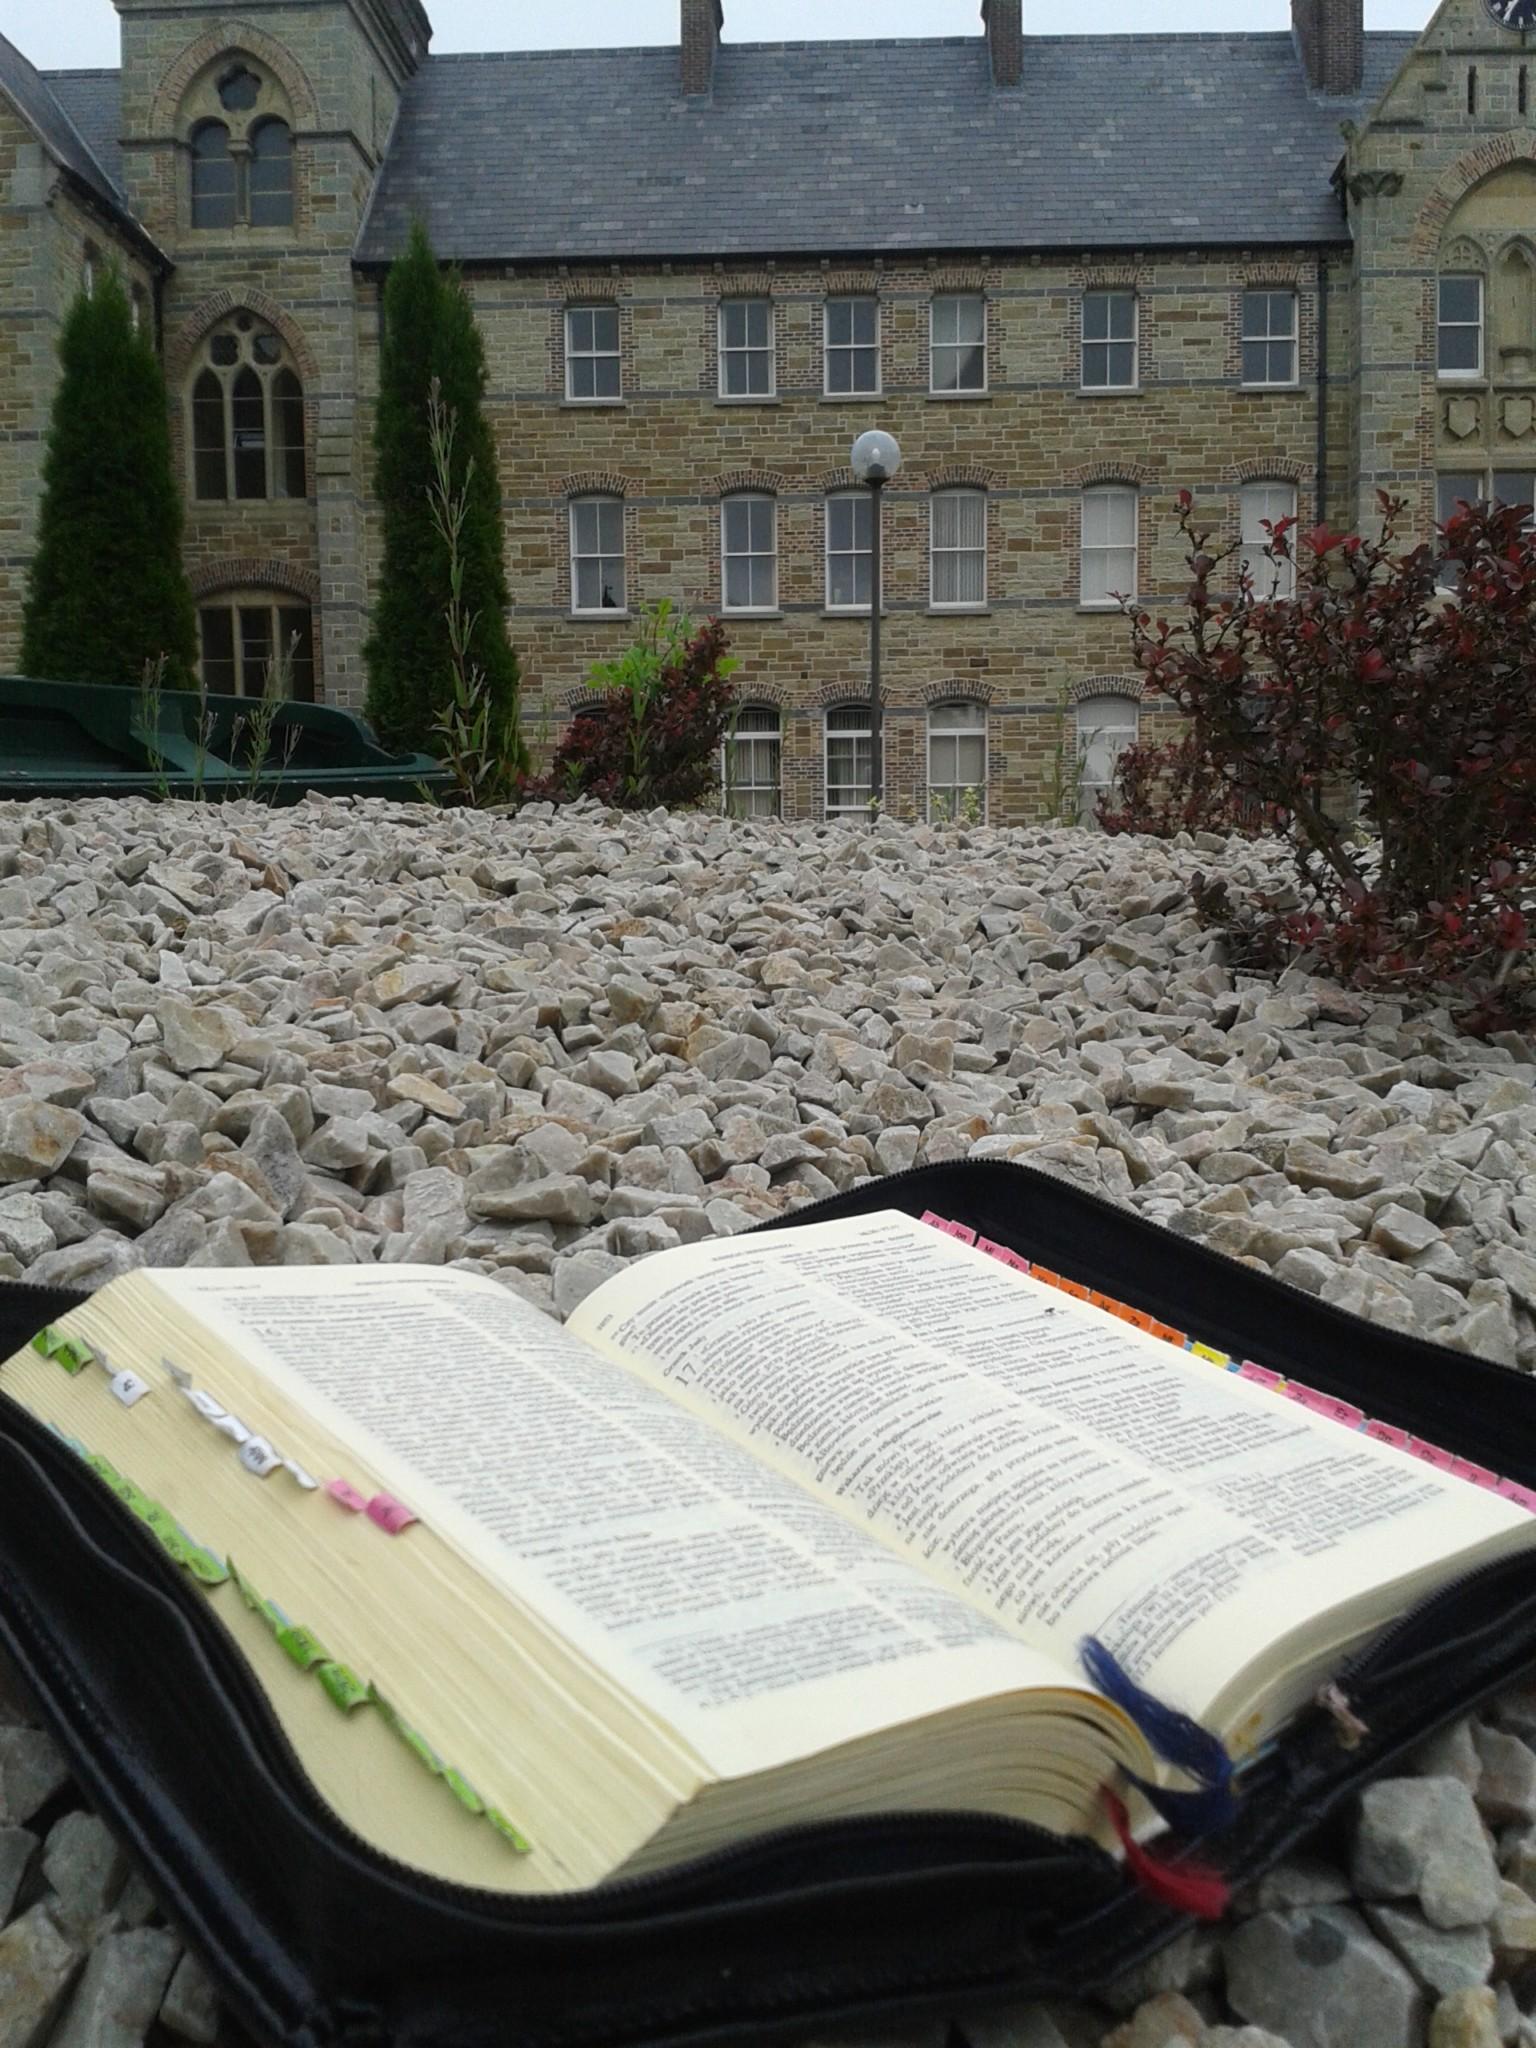 Kurs Nowe Życie, 16 – 18 czerwiec 2017, Cavan